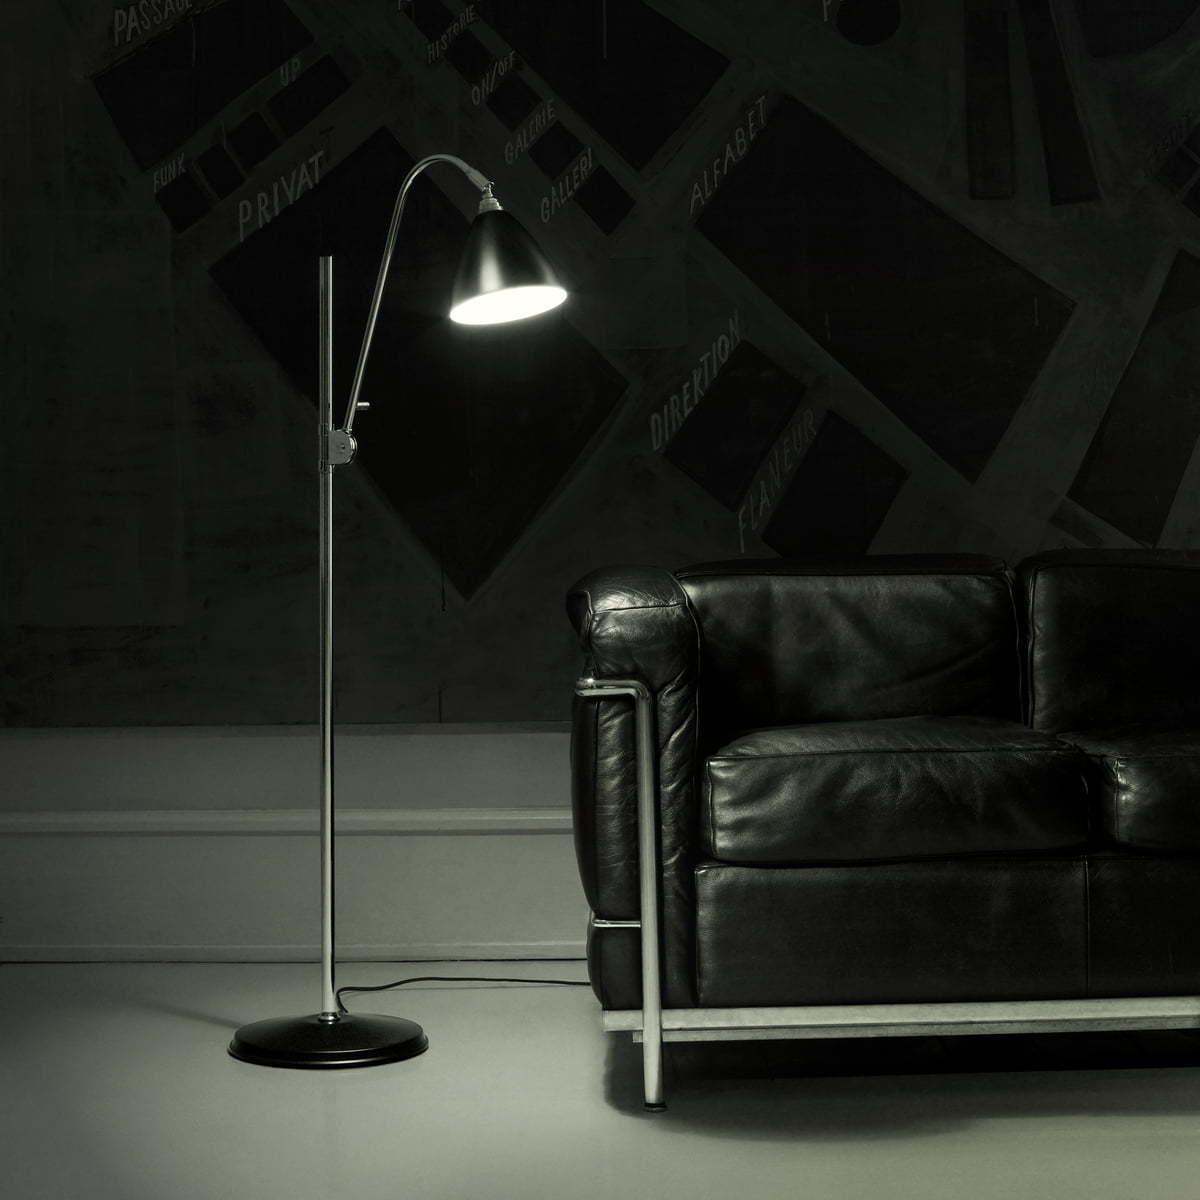 Напольный светильник копия Bestlite BL1 by Gubi (черный)